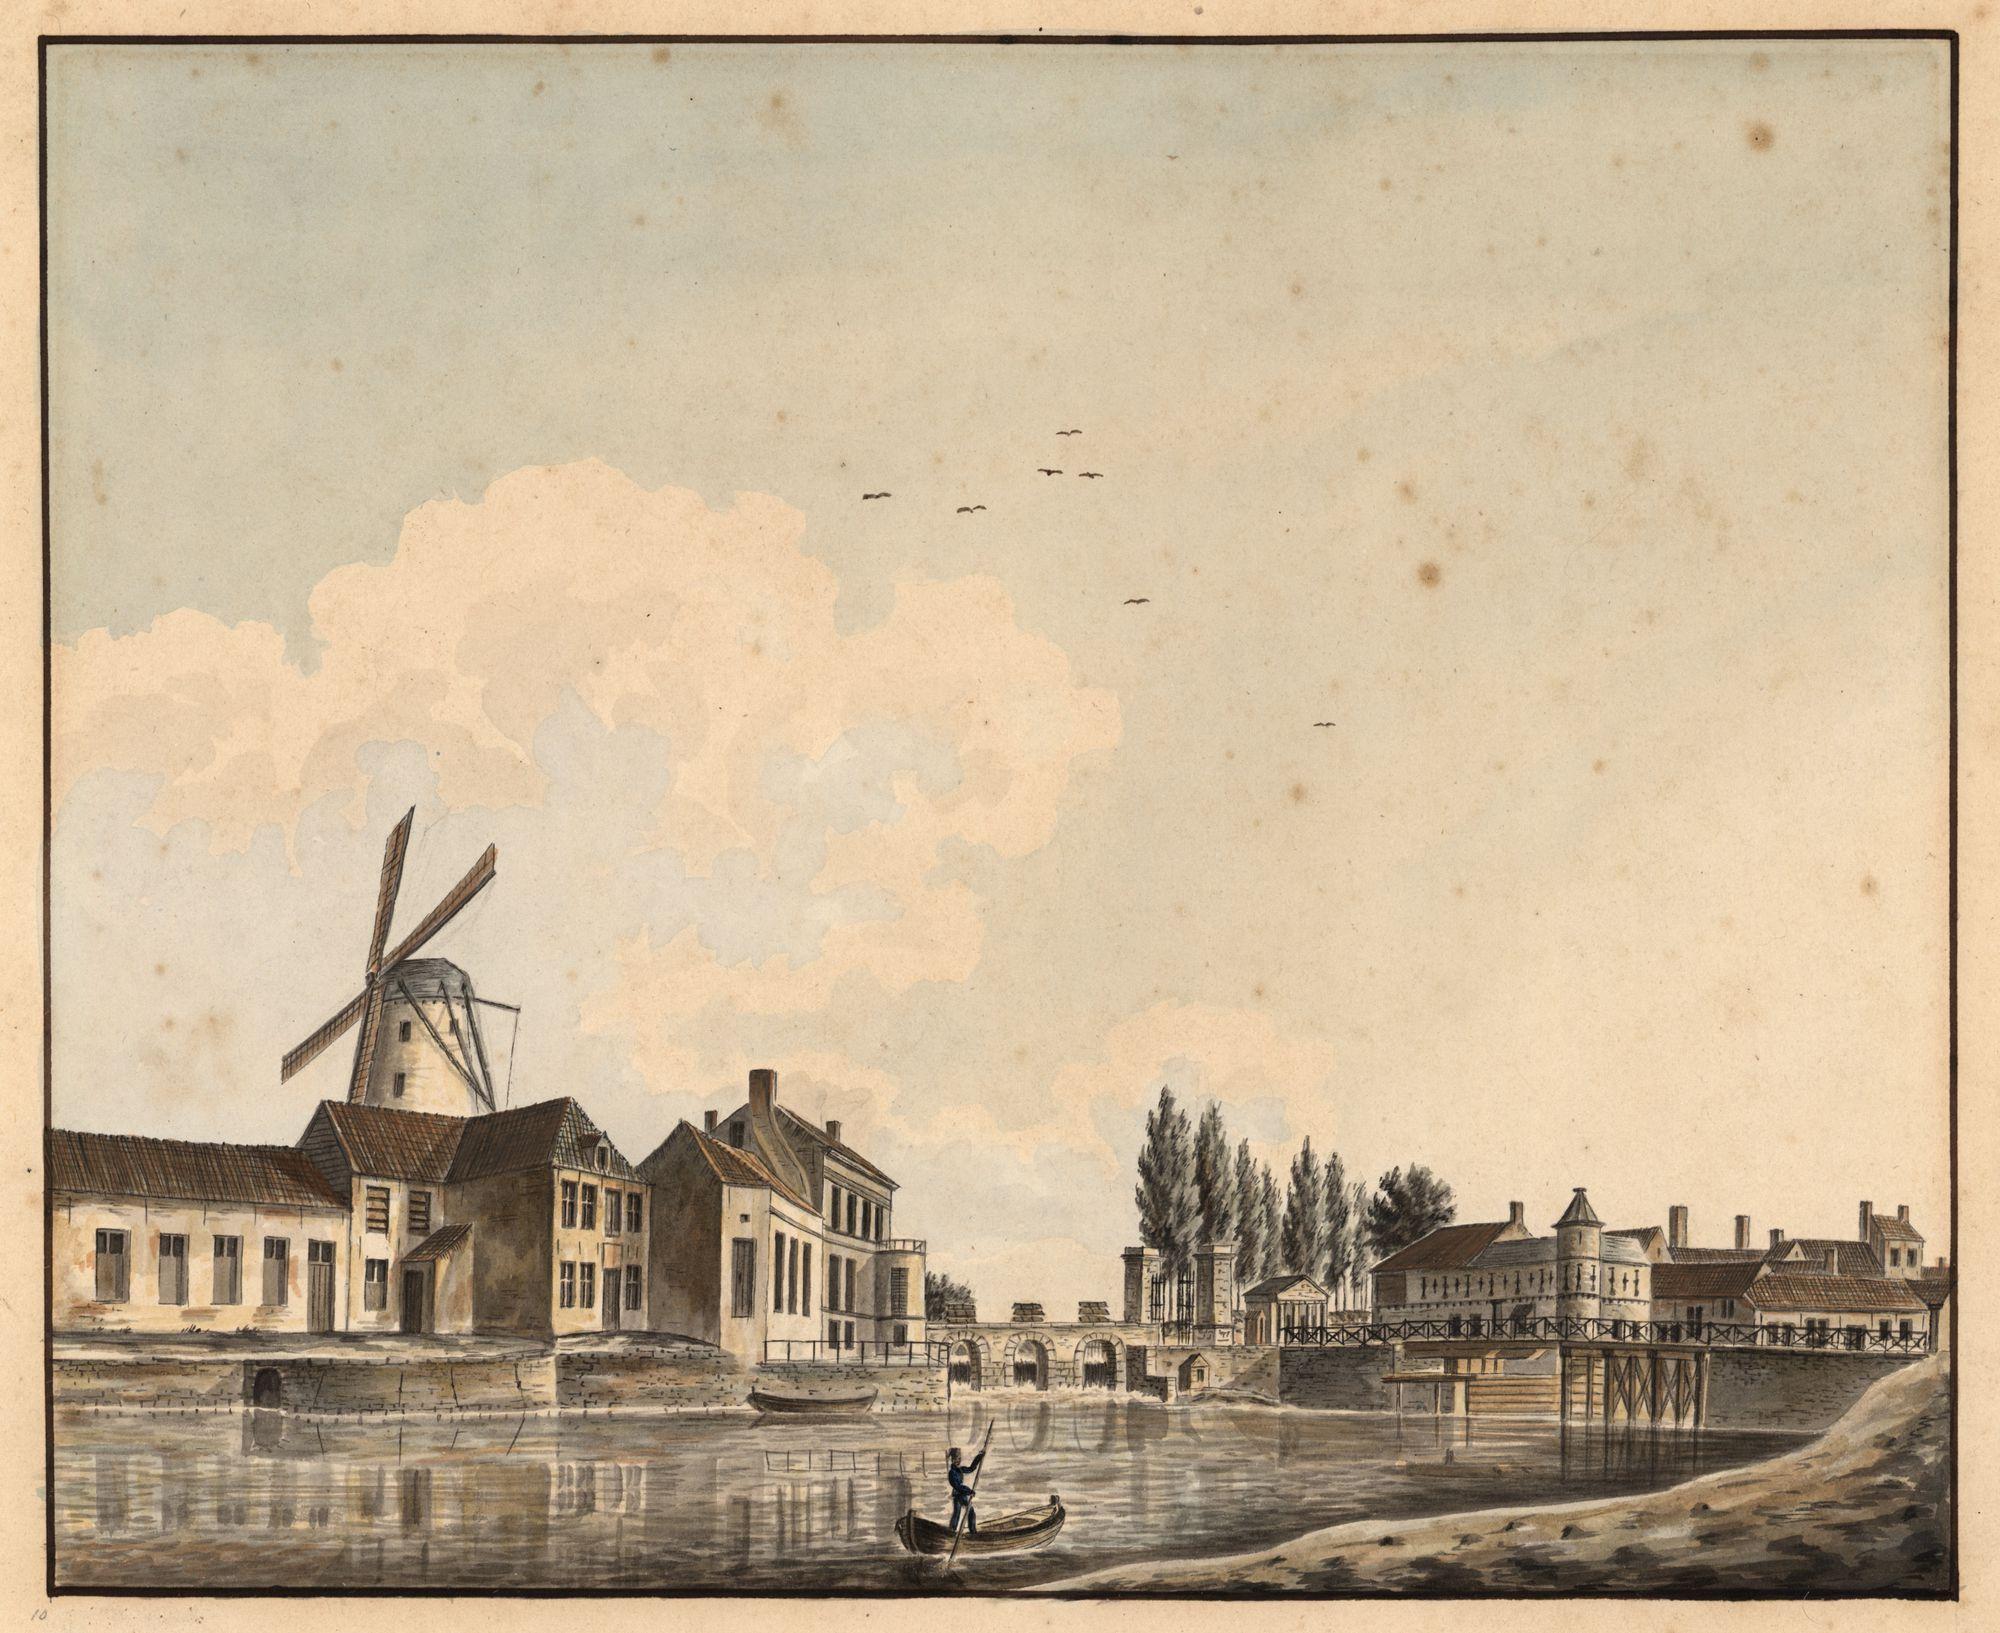 Gent: Keizerpoort of Brusselsepoort en de Willembrug over de Schelde, zicht uit het noorden